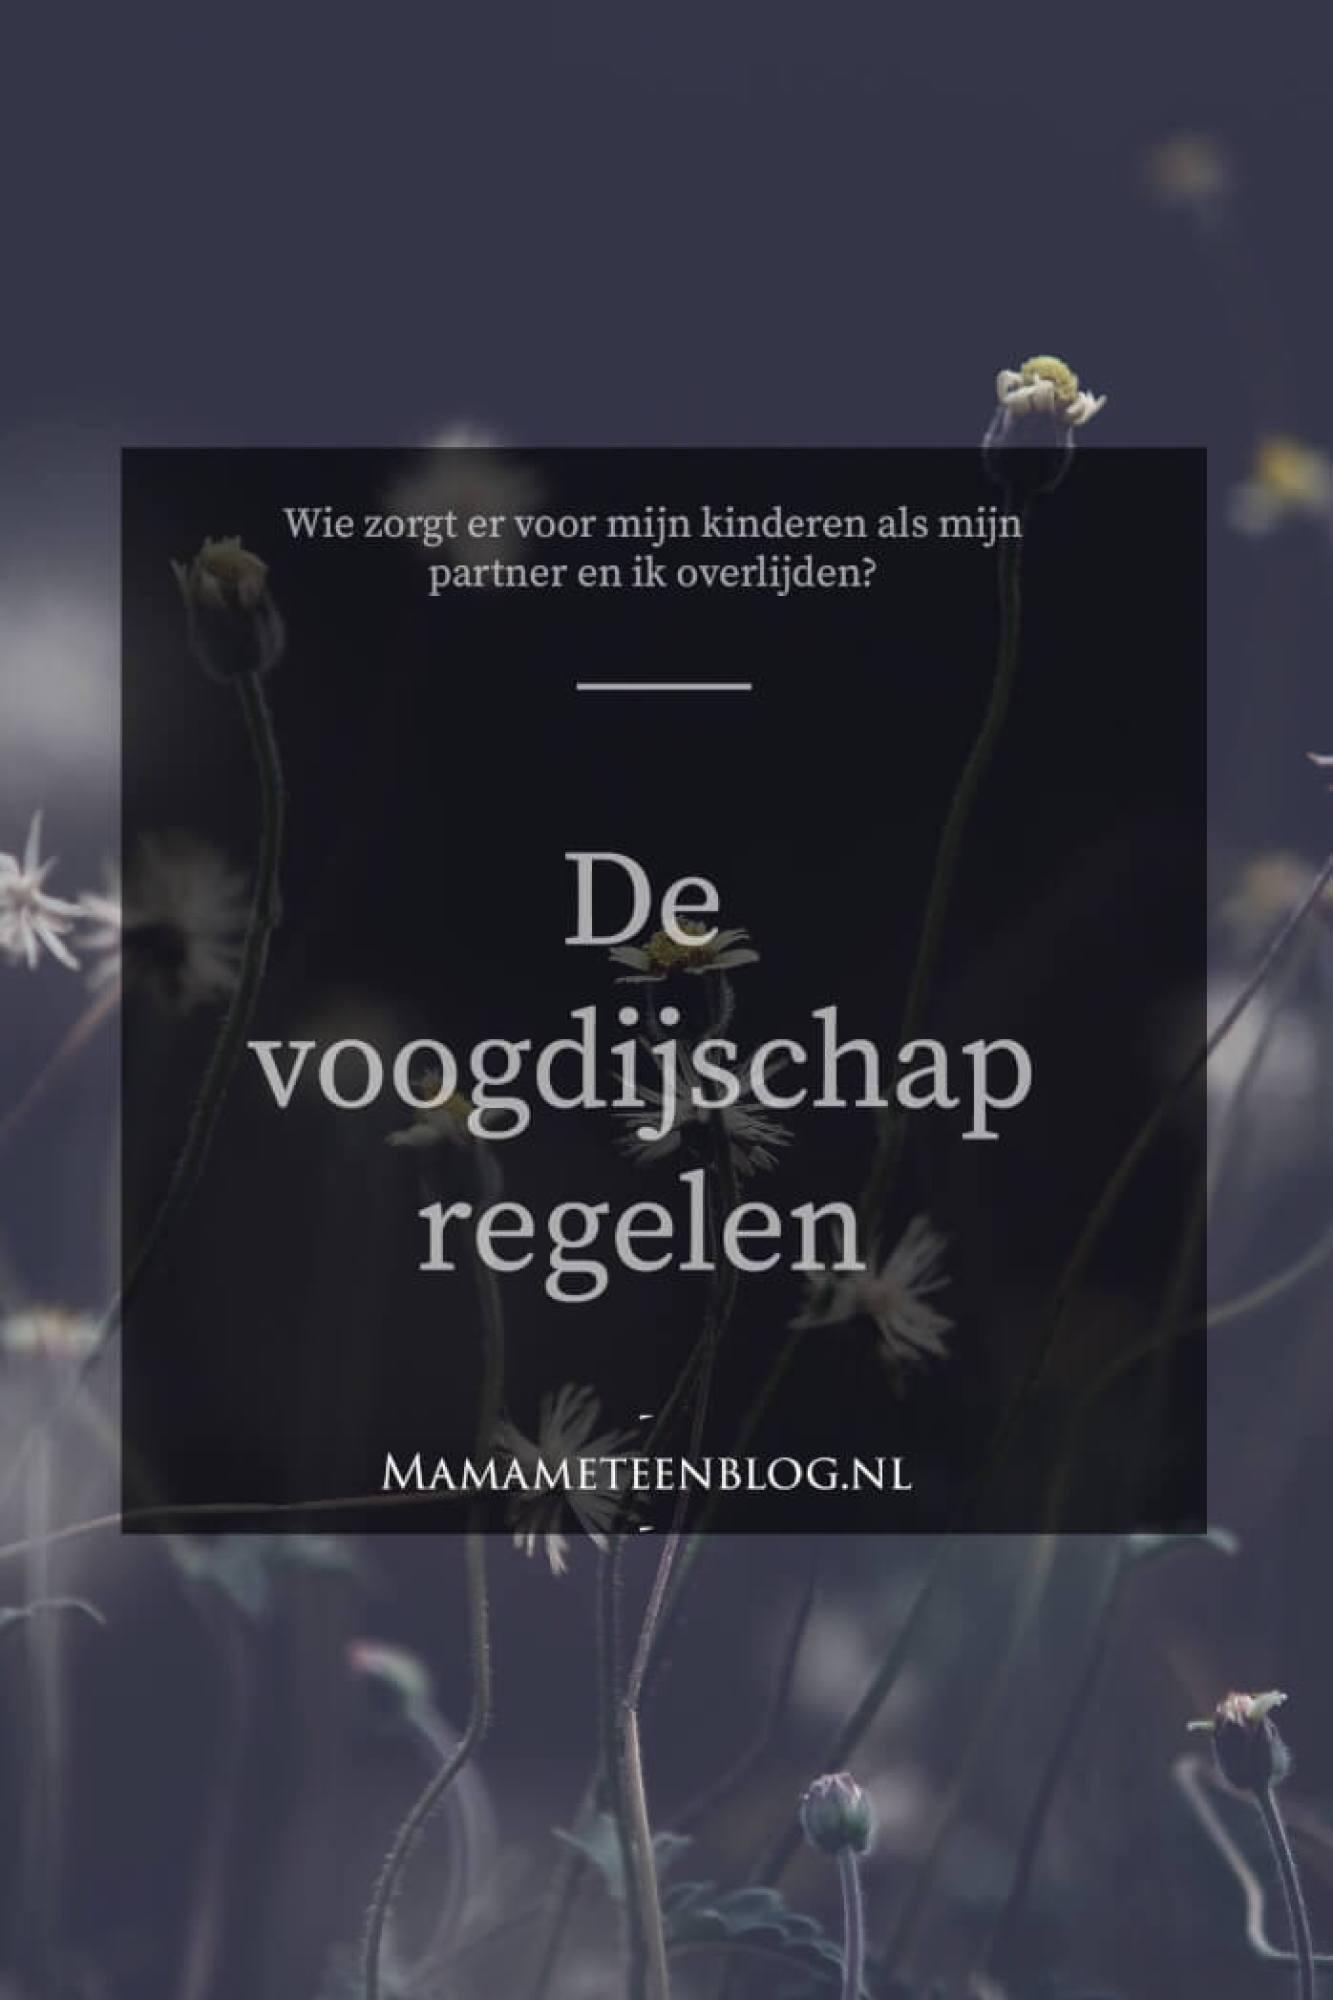 De voogdijschap regelen bij overlijden mamameteenblog.nl